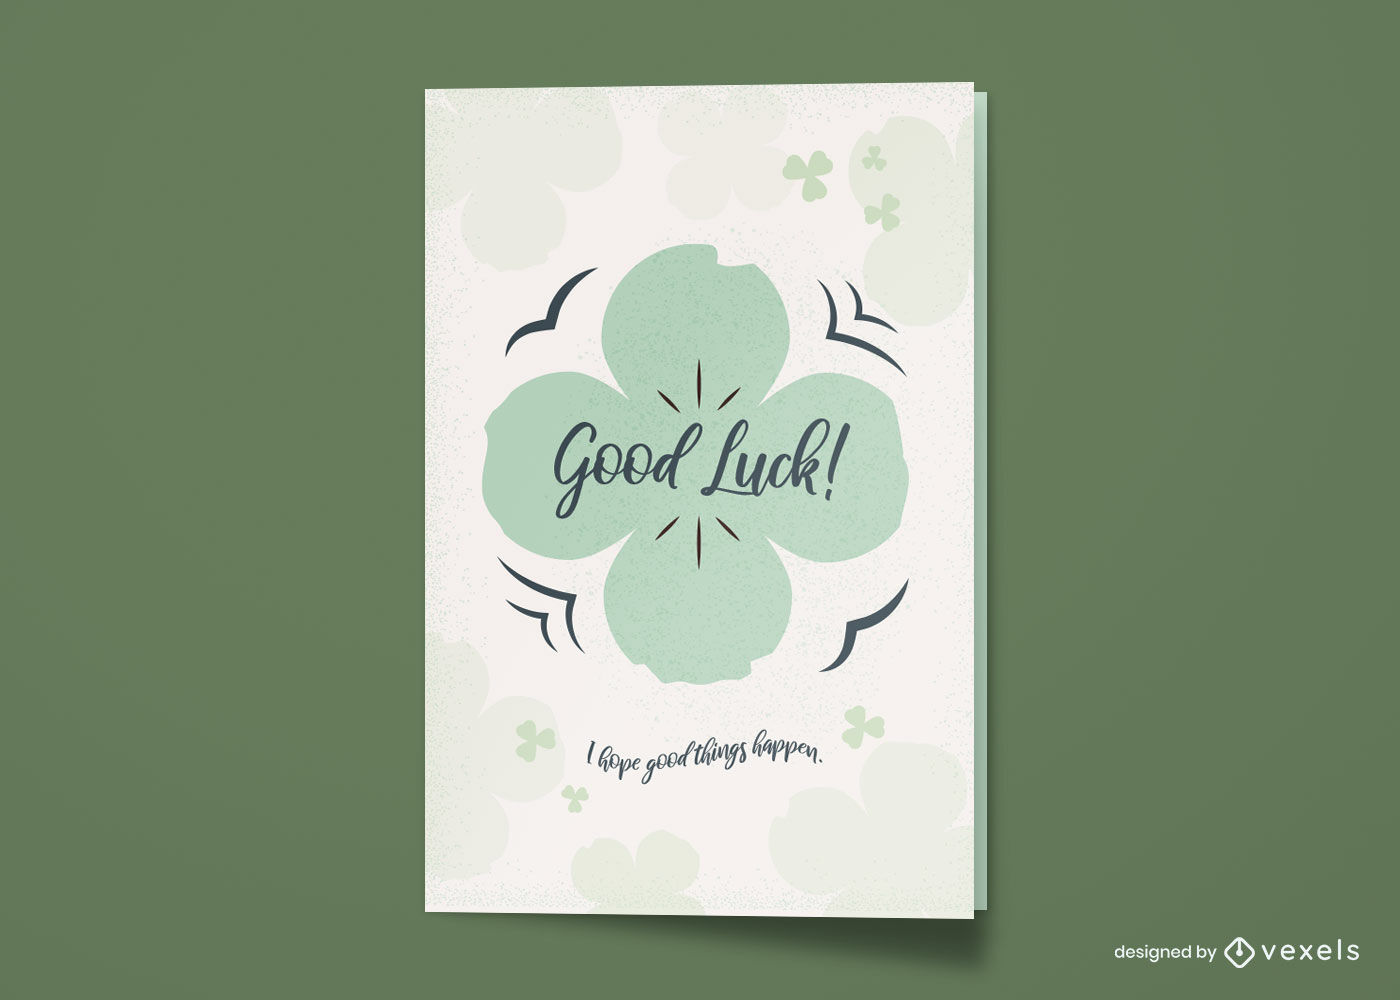 Tarjeta de felicitación de buena suerte de trébol de cuatro hojas